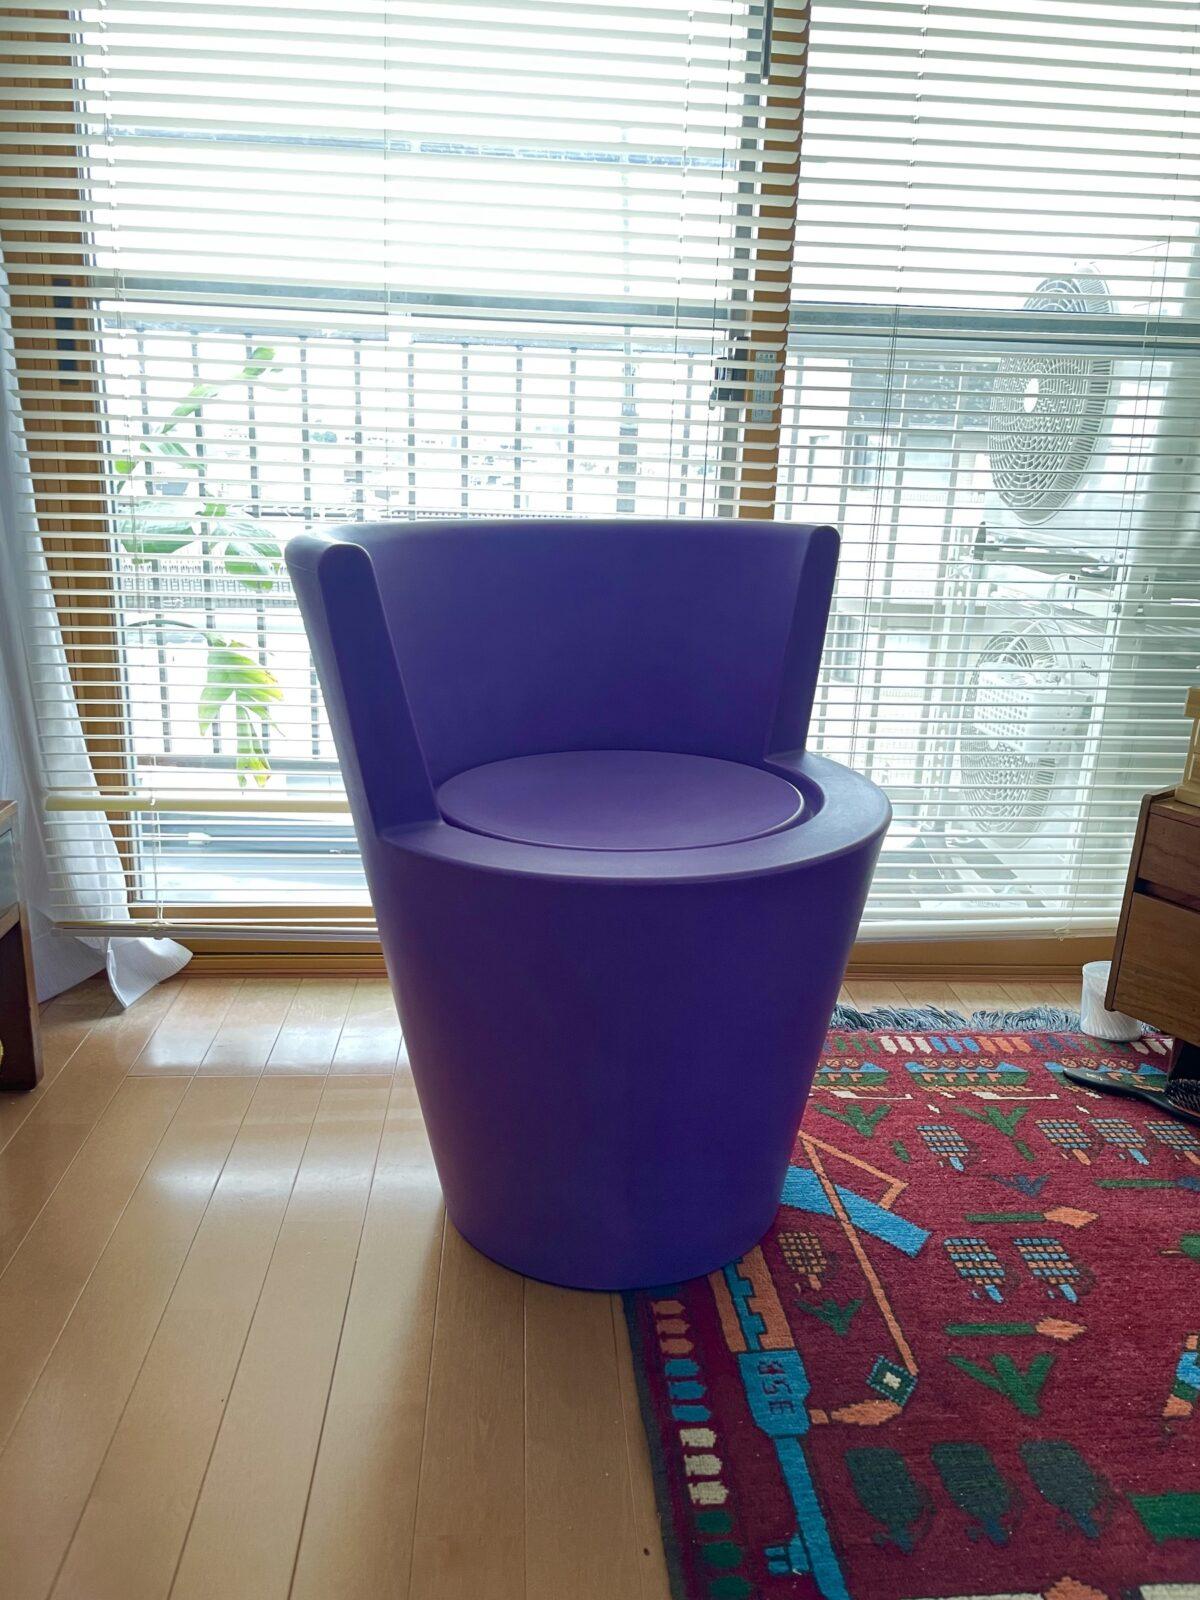 """〈Cappellini〉の椅子。トム・ディクソンがデザインしているらしい。したがって、名はあるものの、ネットでは詳細不明なのでこれも""""無名の名品""""としたい。世田谷のリサイクルショップで購入。"""